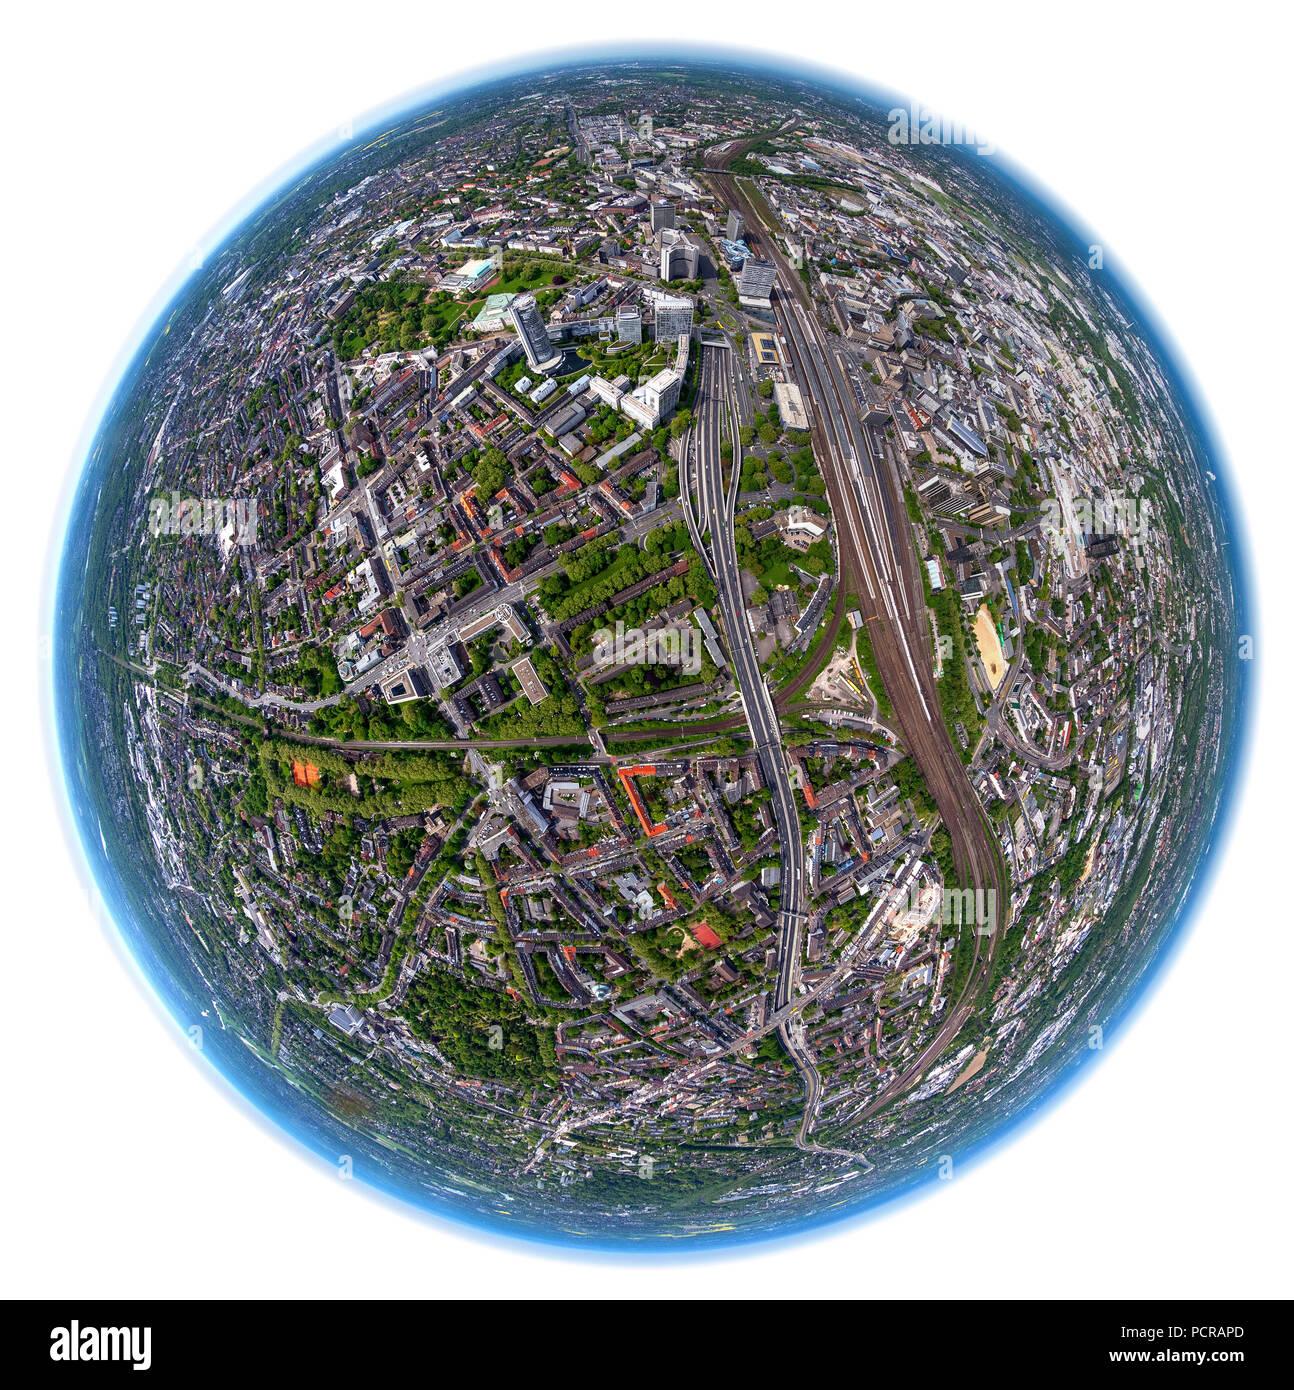 Lippeverband Essen, Emschergenossenschaft, Fish Eye Image, Essen Mitte, World Globe of Essen, Vertical Shot, Essen, Ruhr area, North Rhine-Westphalia, Germany - Stock Image